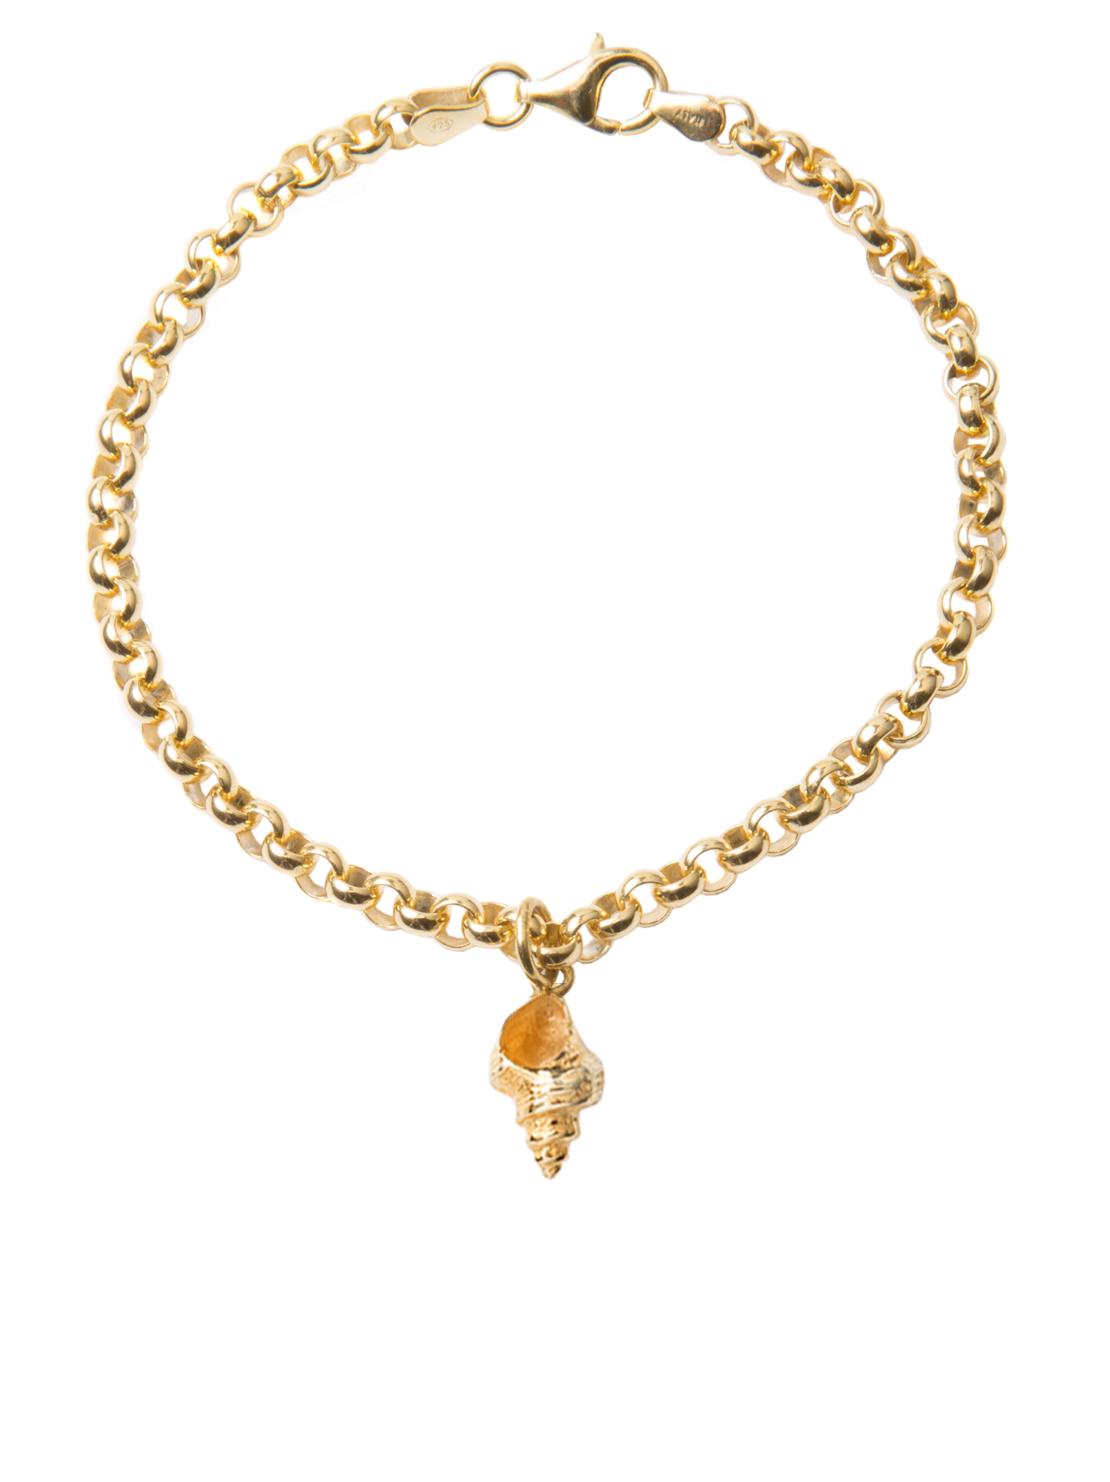 Whelk Shell Bracelet